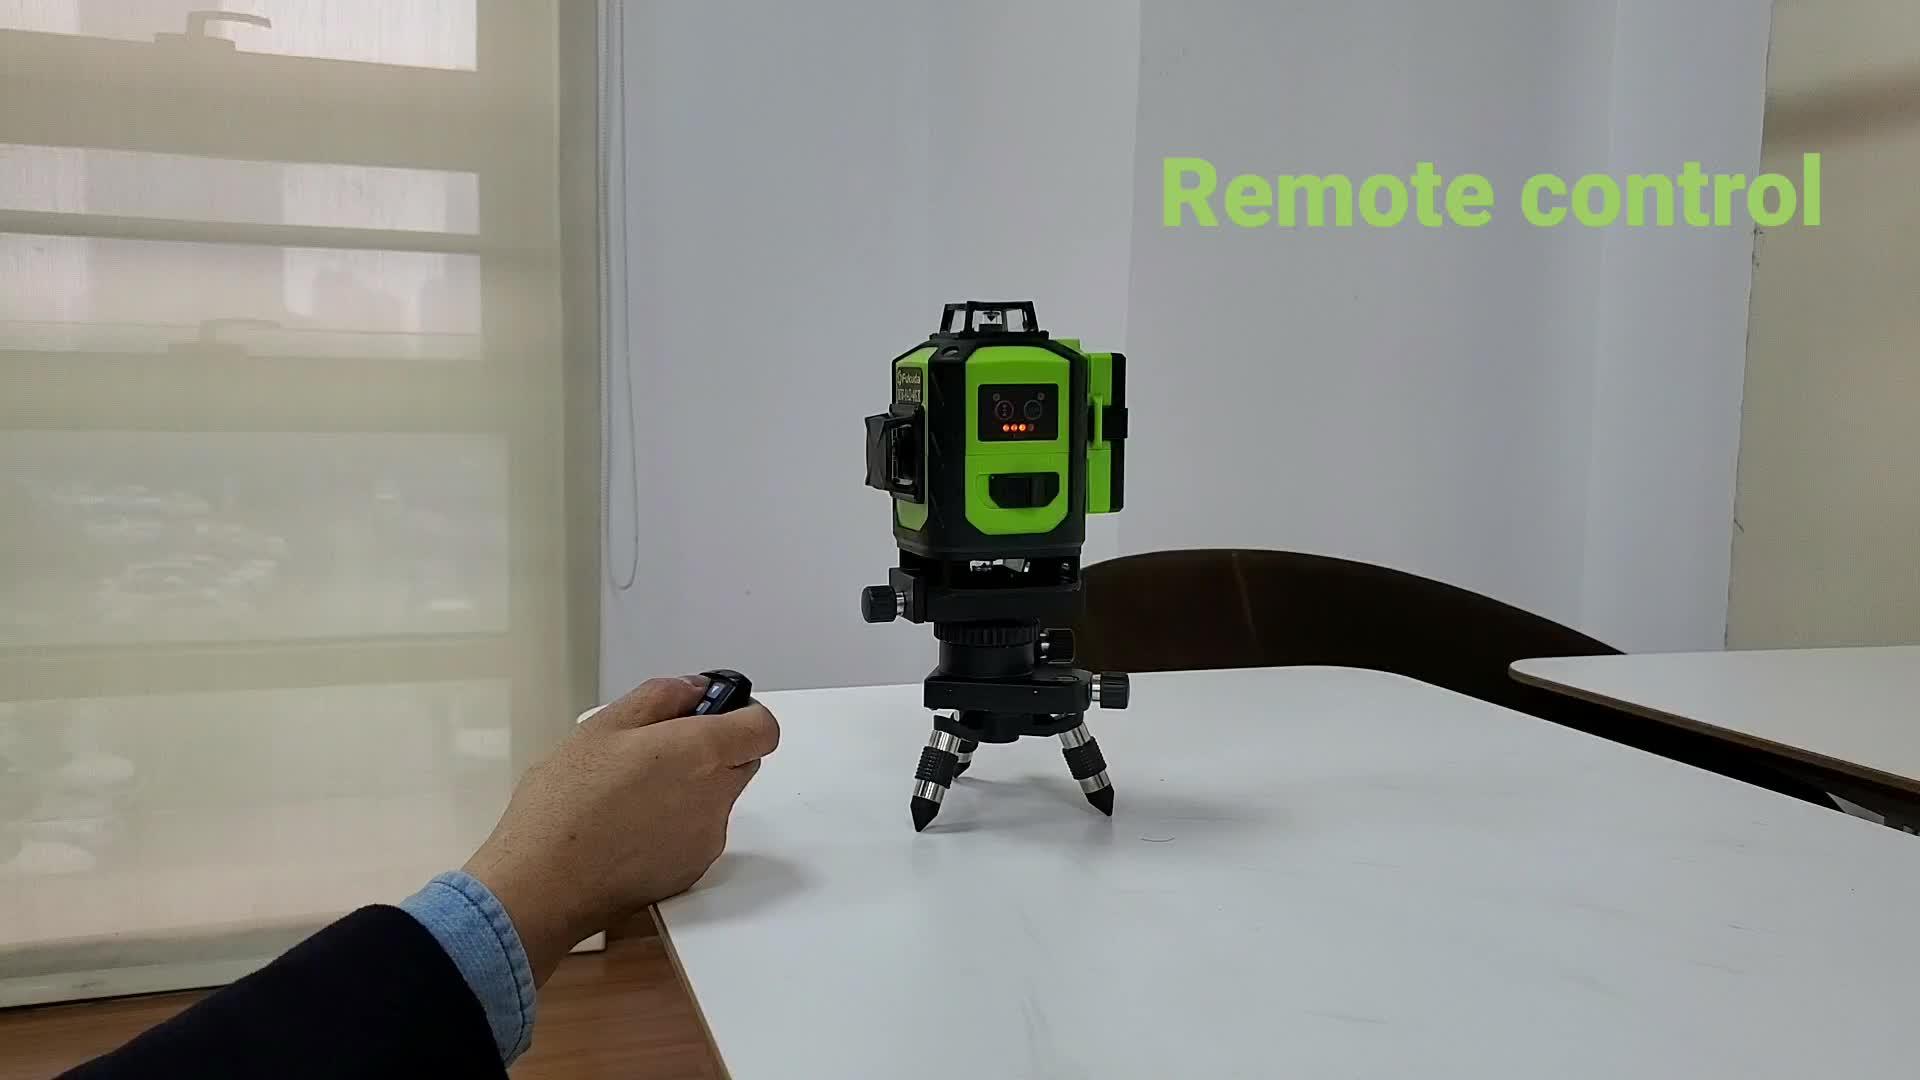 4D зеленый самовыравнивающийся 360 градусов горизонтальный и вертикальный 16 линий лазерный уровень 4d/Fukuda 4D лазерный уровень